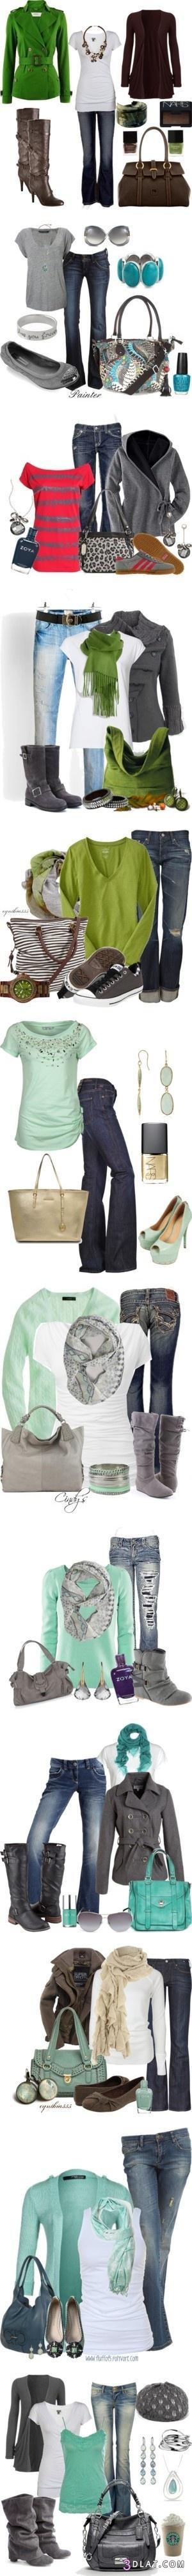 ازياء شتوية جميلة بالاكسسوارات ملابس 3dlat.com_1404479020